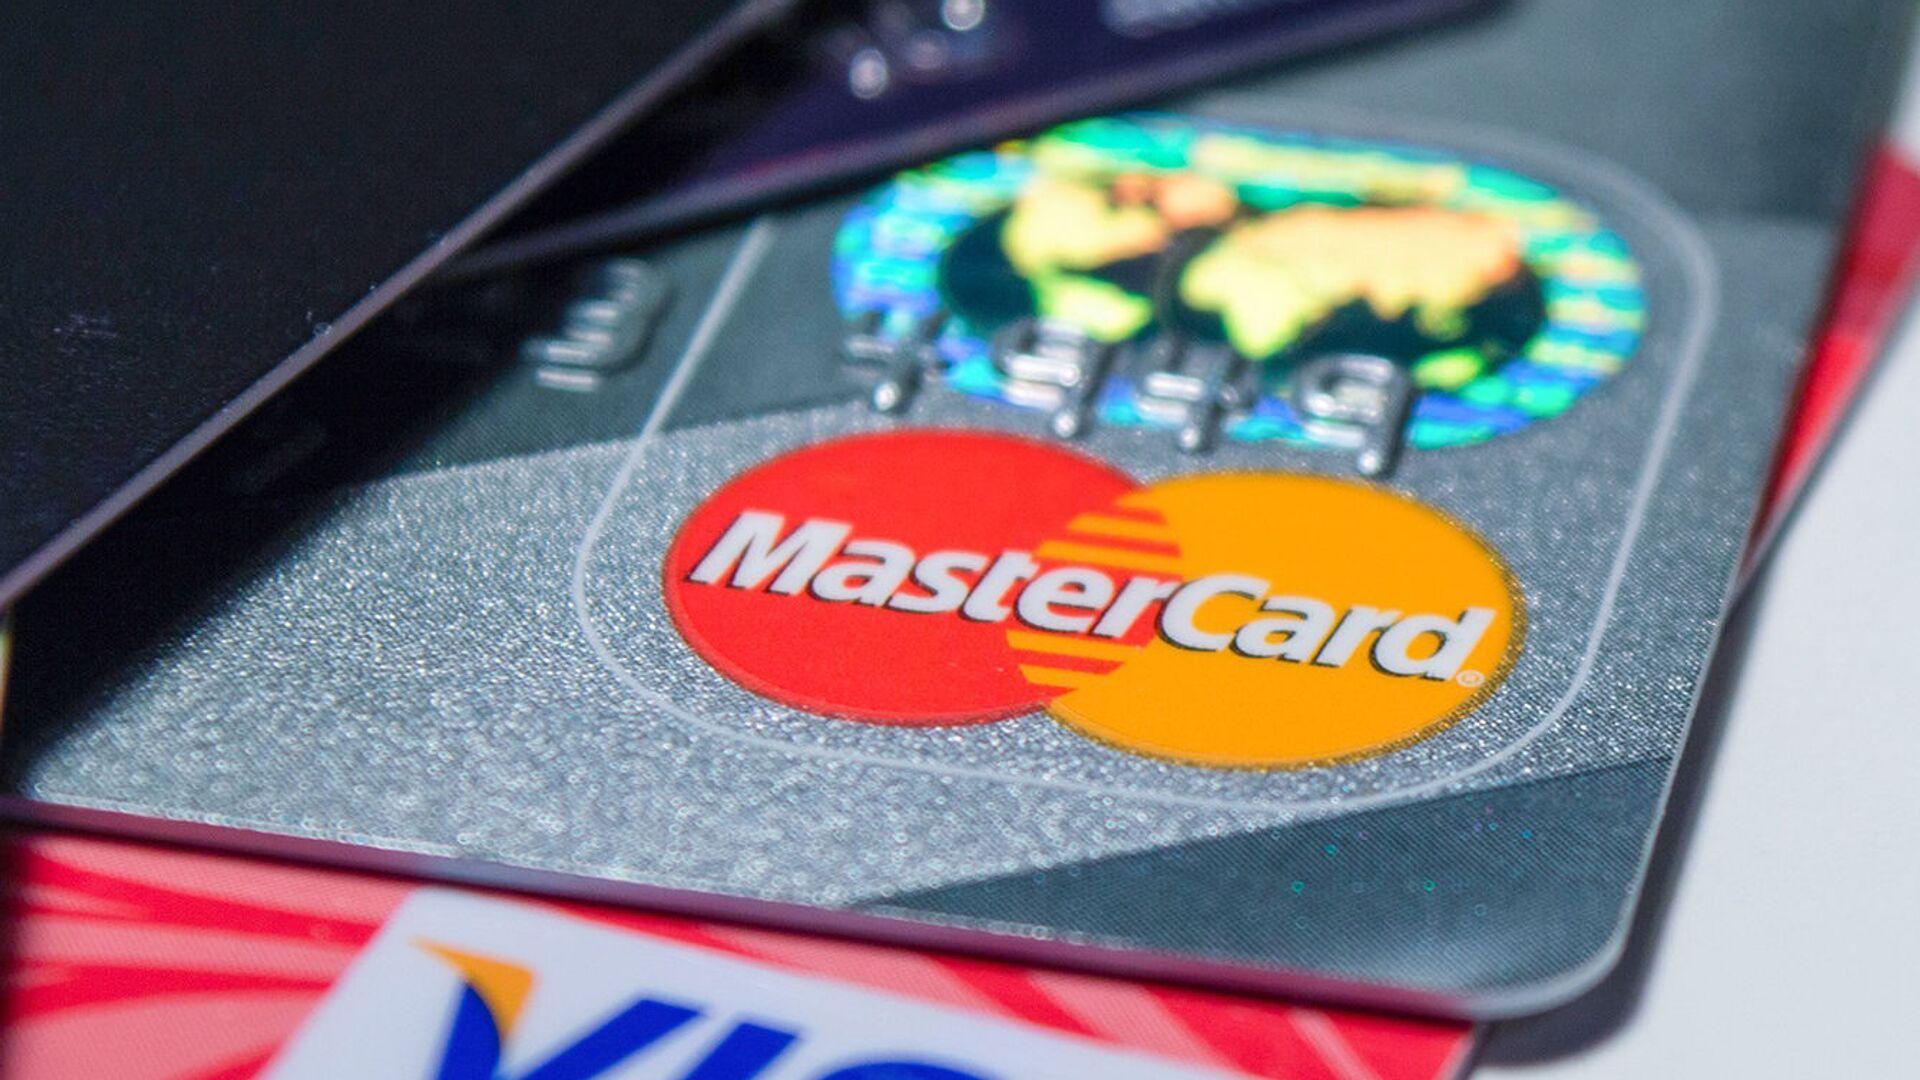 Mastercard начнет работать с криптовалютами уже в этом году - Sputnik Азербайджан, 1920, 28.04.2021